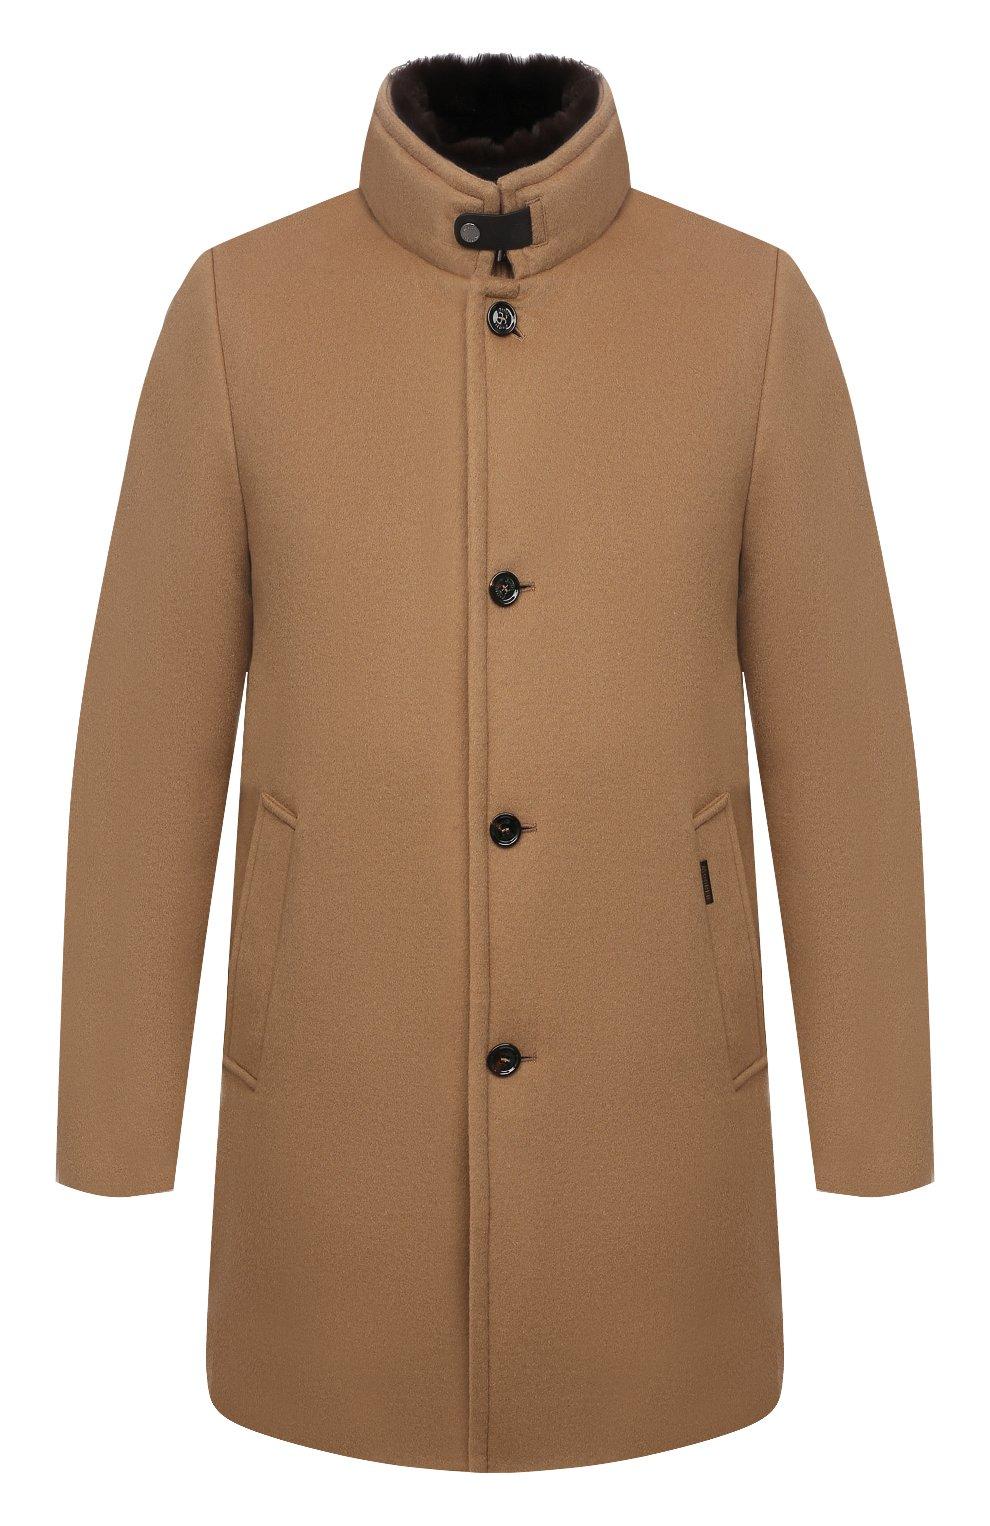 Мужской пальто из шерсти и кашемира bond-fur-le MOORER бежевого цвета, арт. B0ND-FUR-LE/M0UG2100131-TEPA209   Фото 1 (Материал внешний: Шерсть; Рукава: Длинные; Длина (верхняя одежда): До середины бедра; Материал подклада: Синтетический материал; Мужское Кросс-КТ: пальто-верхняя одежда; Материал утеплителя: Пух и перо; Стили: Кэжуэл)